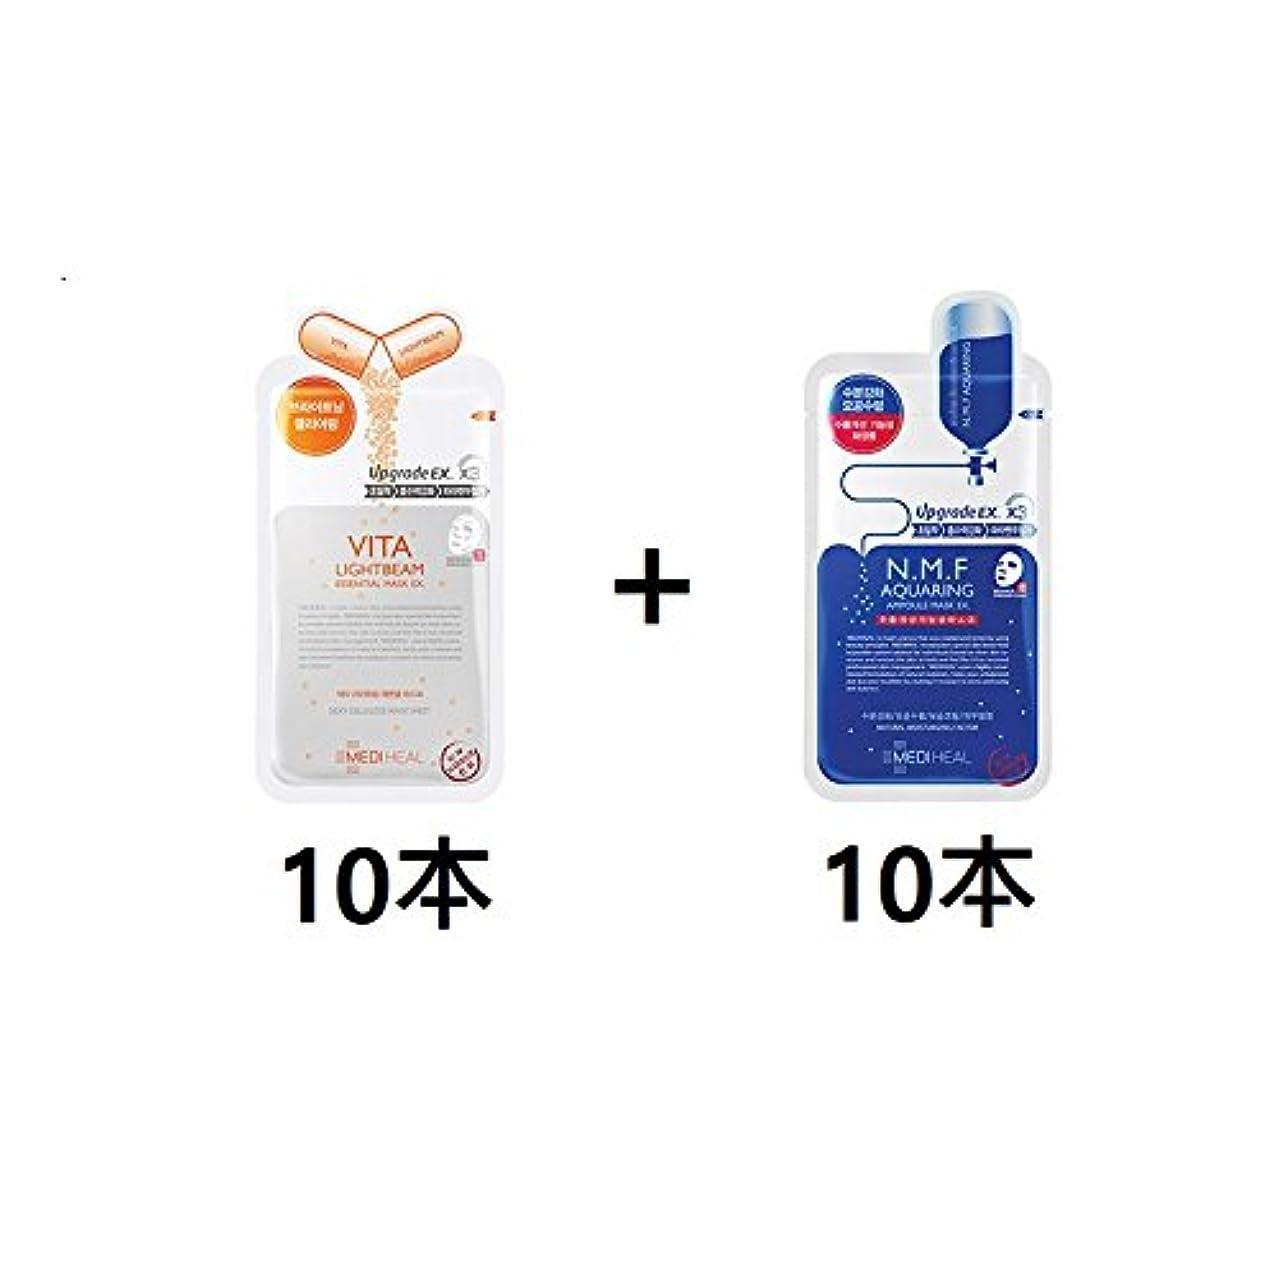 海洋腹痛する[10+10] [メディヒール] Mediheal [N.M.F アクアリング アンプルマスク EX (10枚)] + [ Vita Lightbeam ビター ライトビーム エッセンシャル マスクパック EX (10枚...